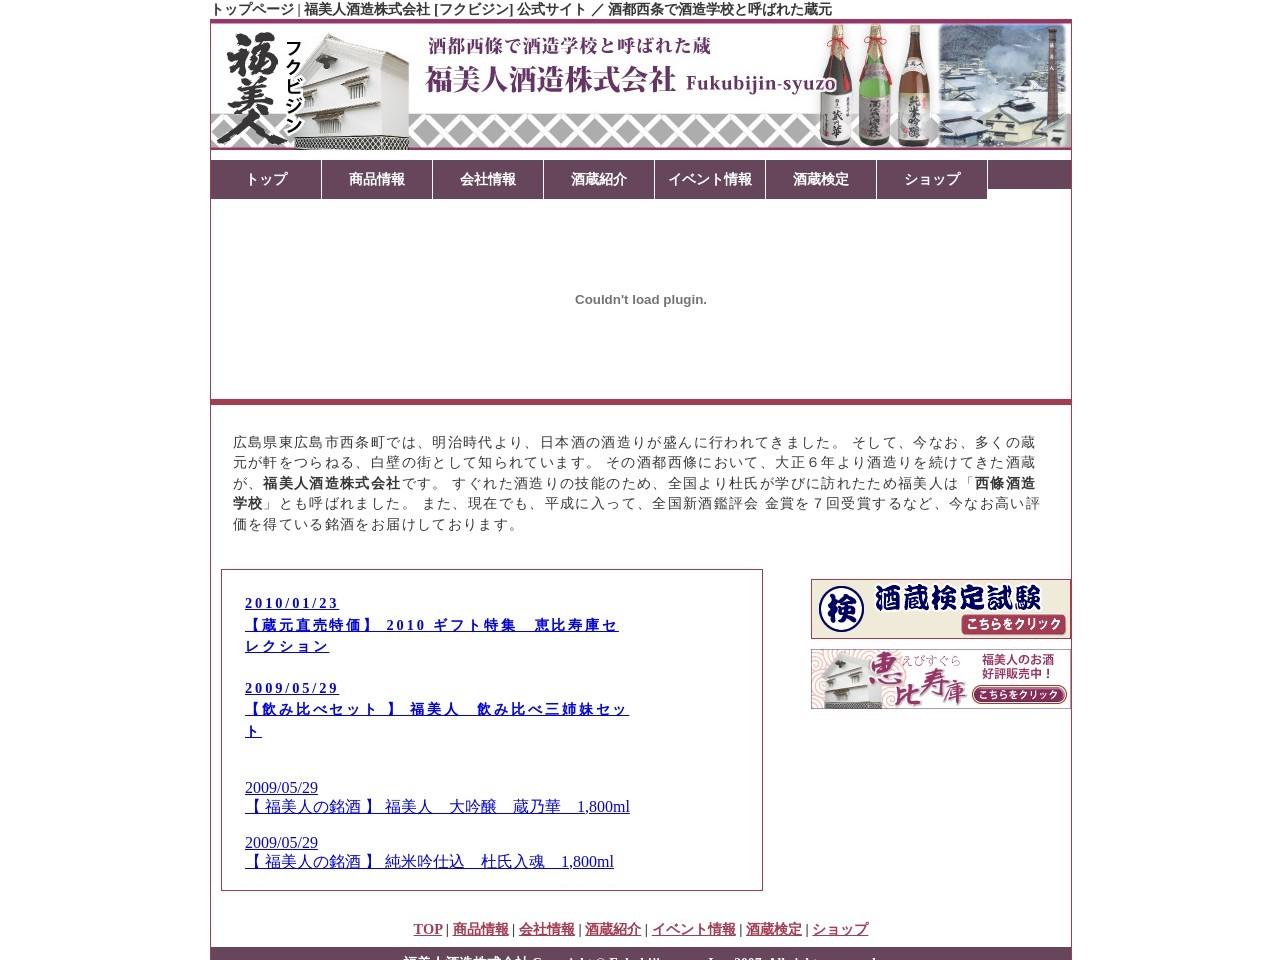 福美人酒造株式会社 フクビジン 公式サイト / 広島の酒都西条で酒造学校と呼ばれた蔵元